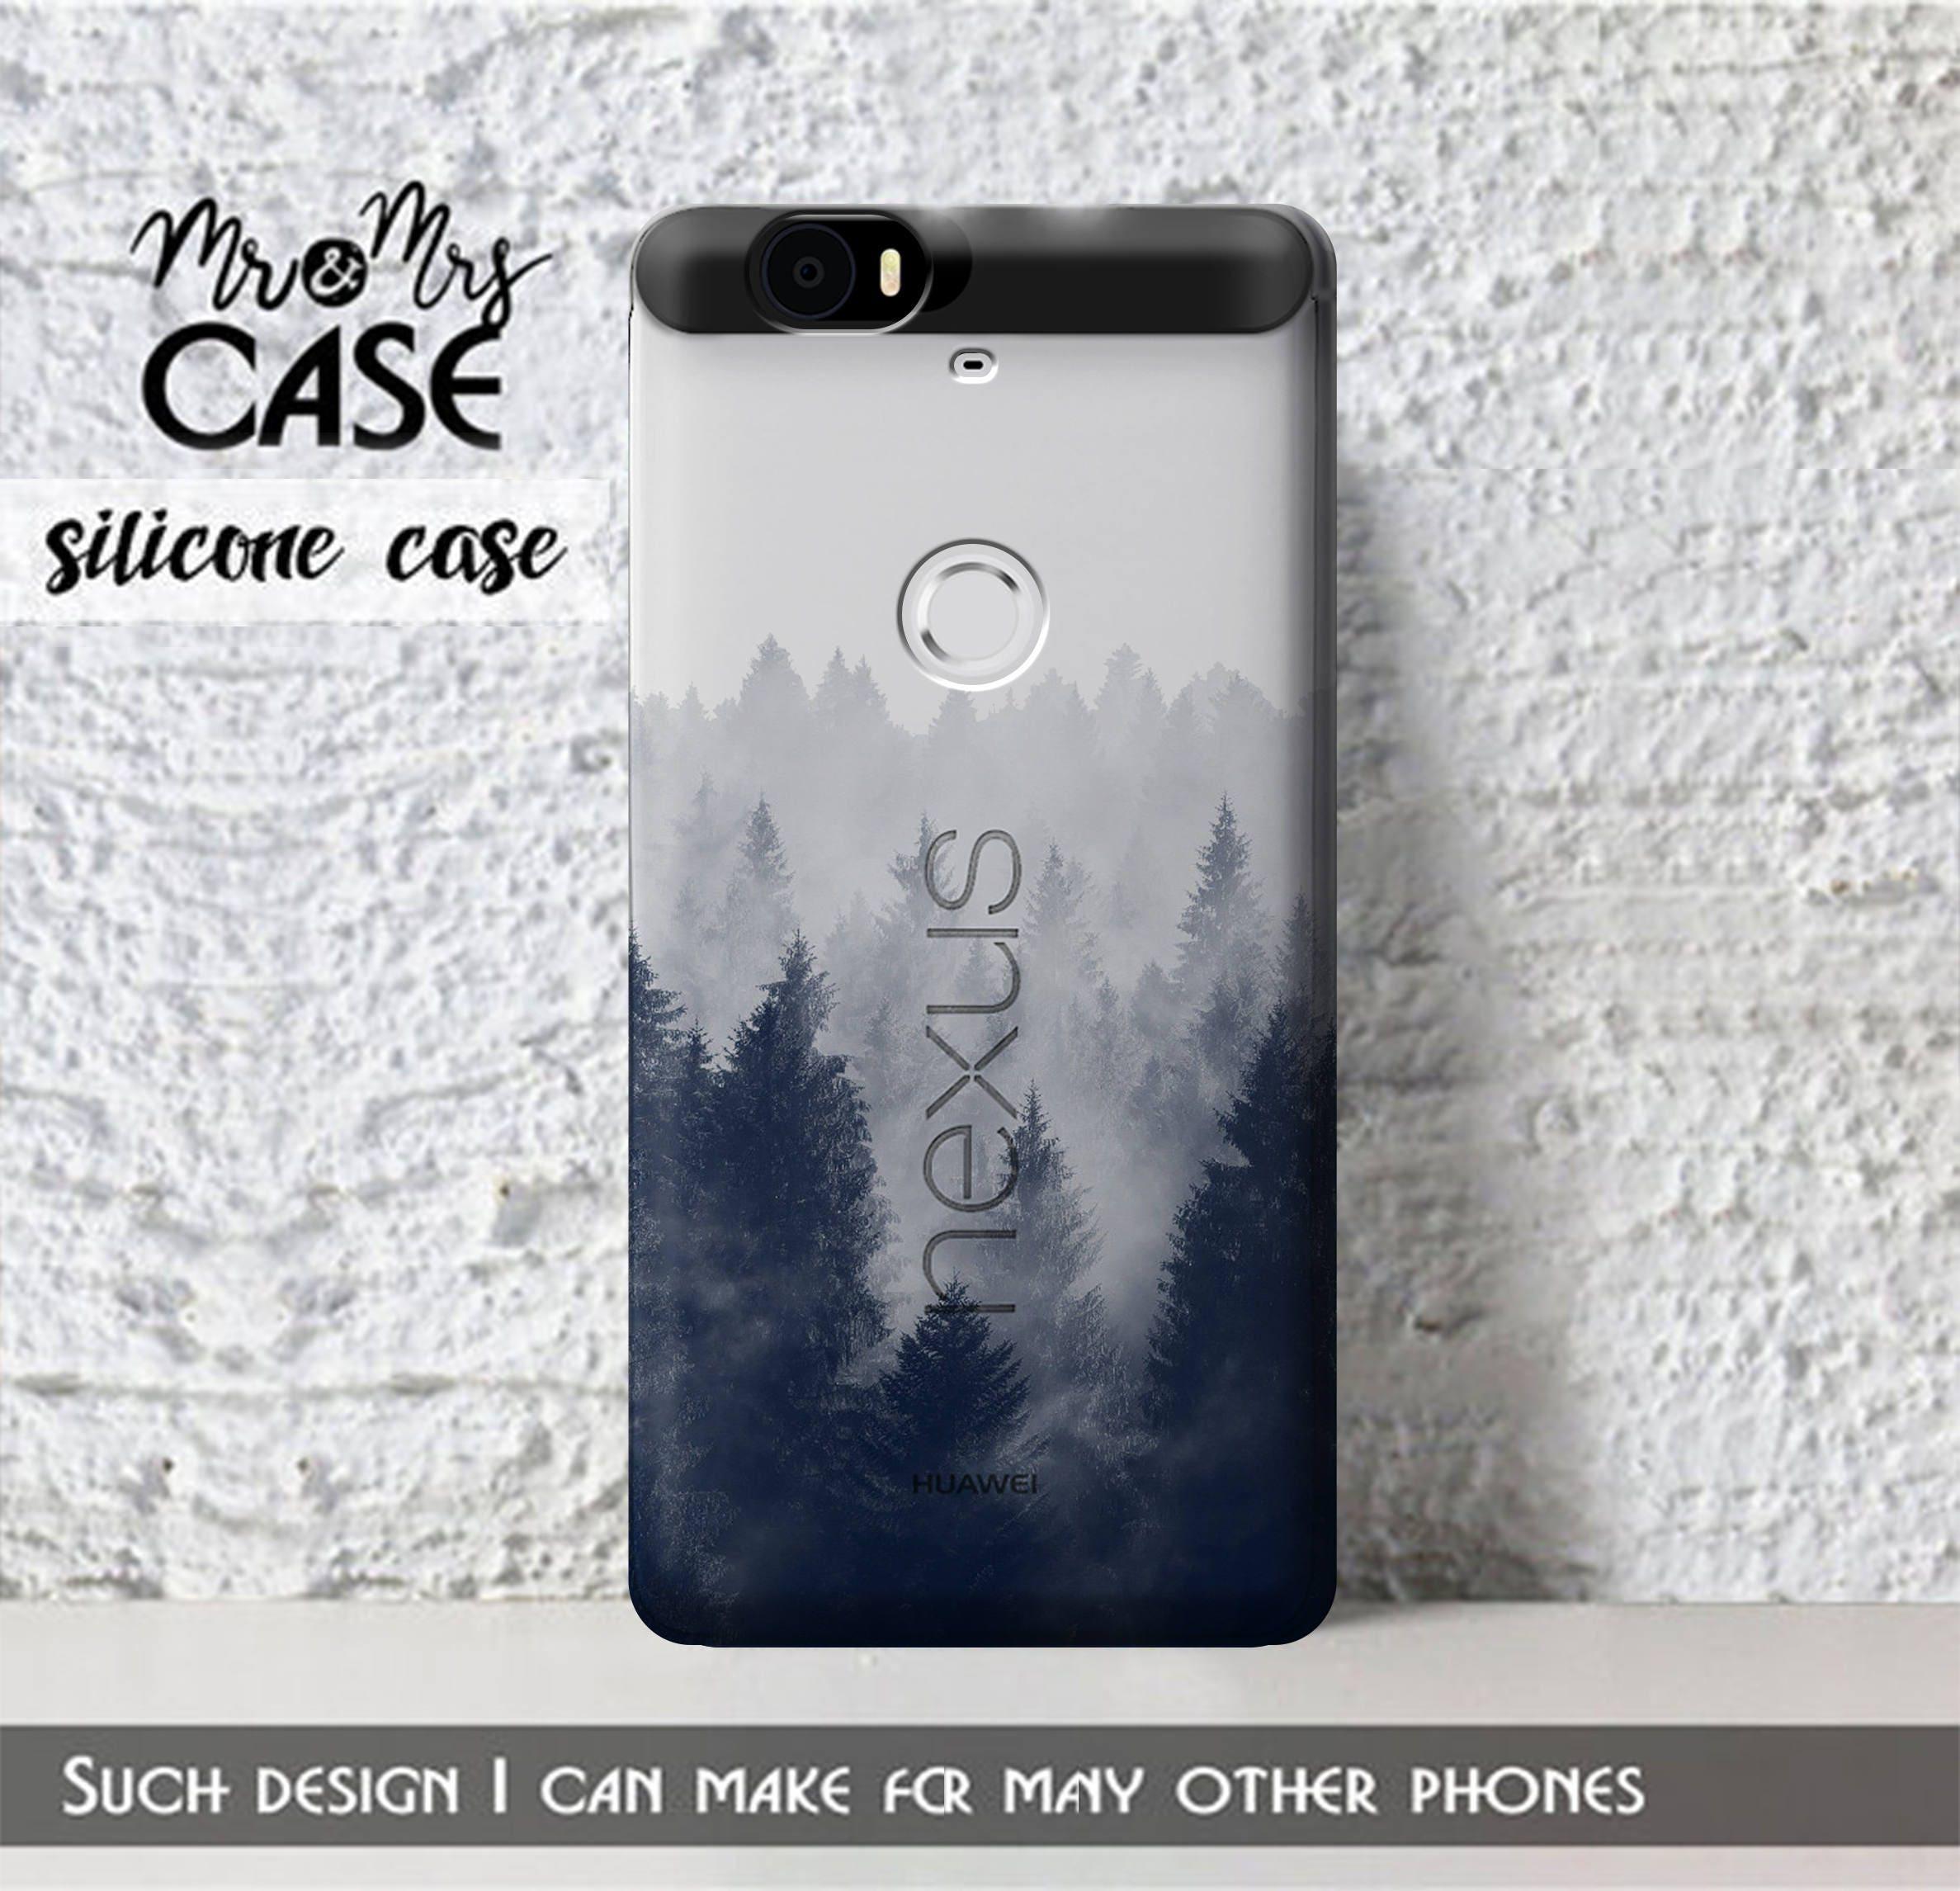 Nexus 6P-Huawei Y6 Pro-Clear mountain case-Mate 10-Huawei Mate 9-Huawei Honor 9-Honor V9 Play-Honor 8-Honor 7-note 8-Huawei Shot X-Honor 6x